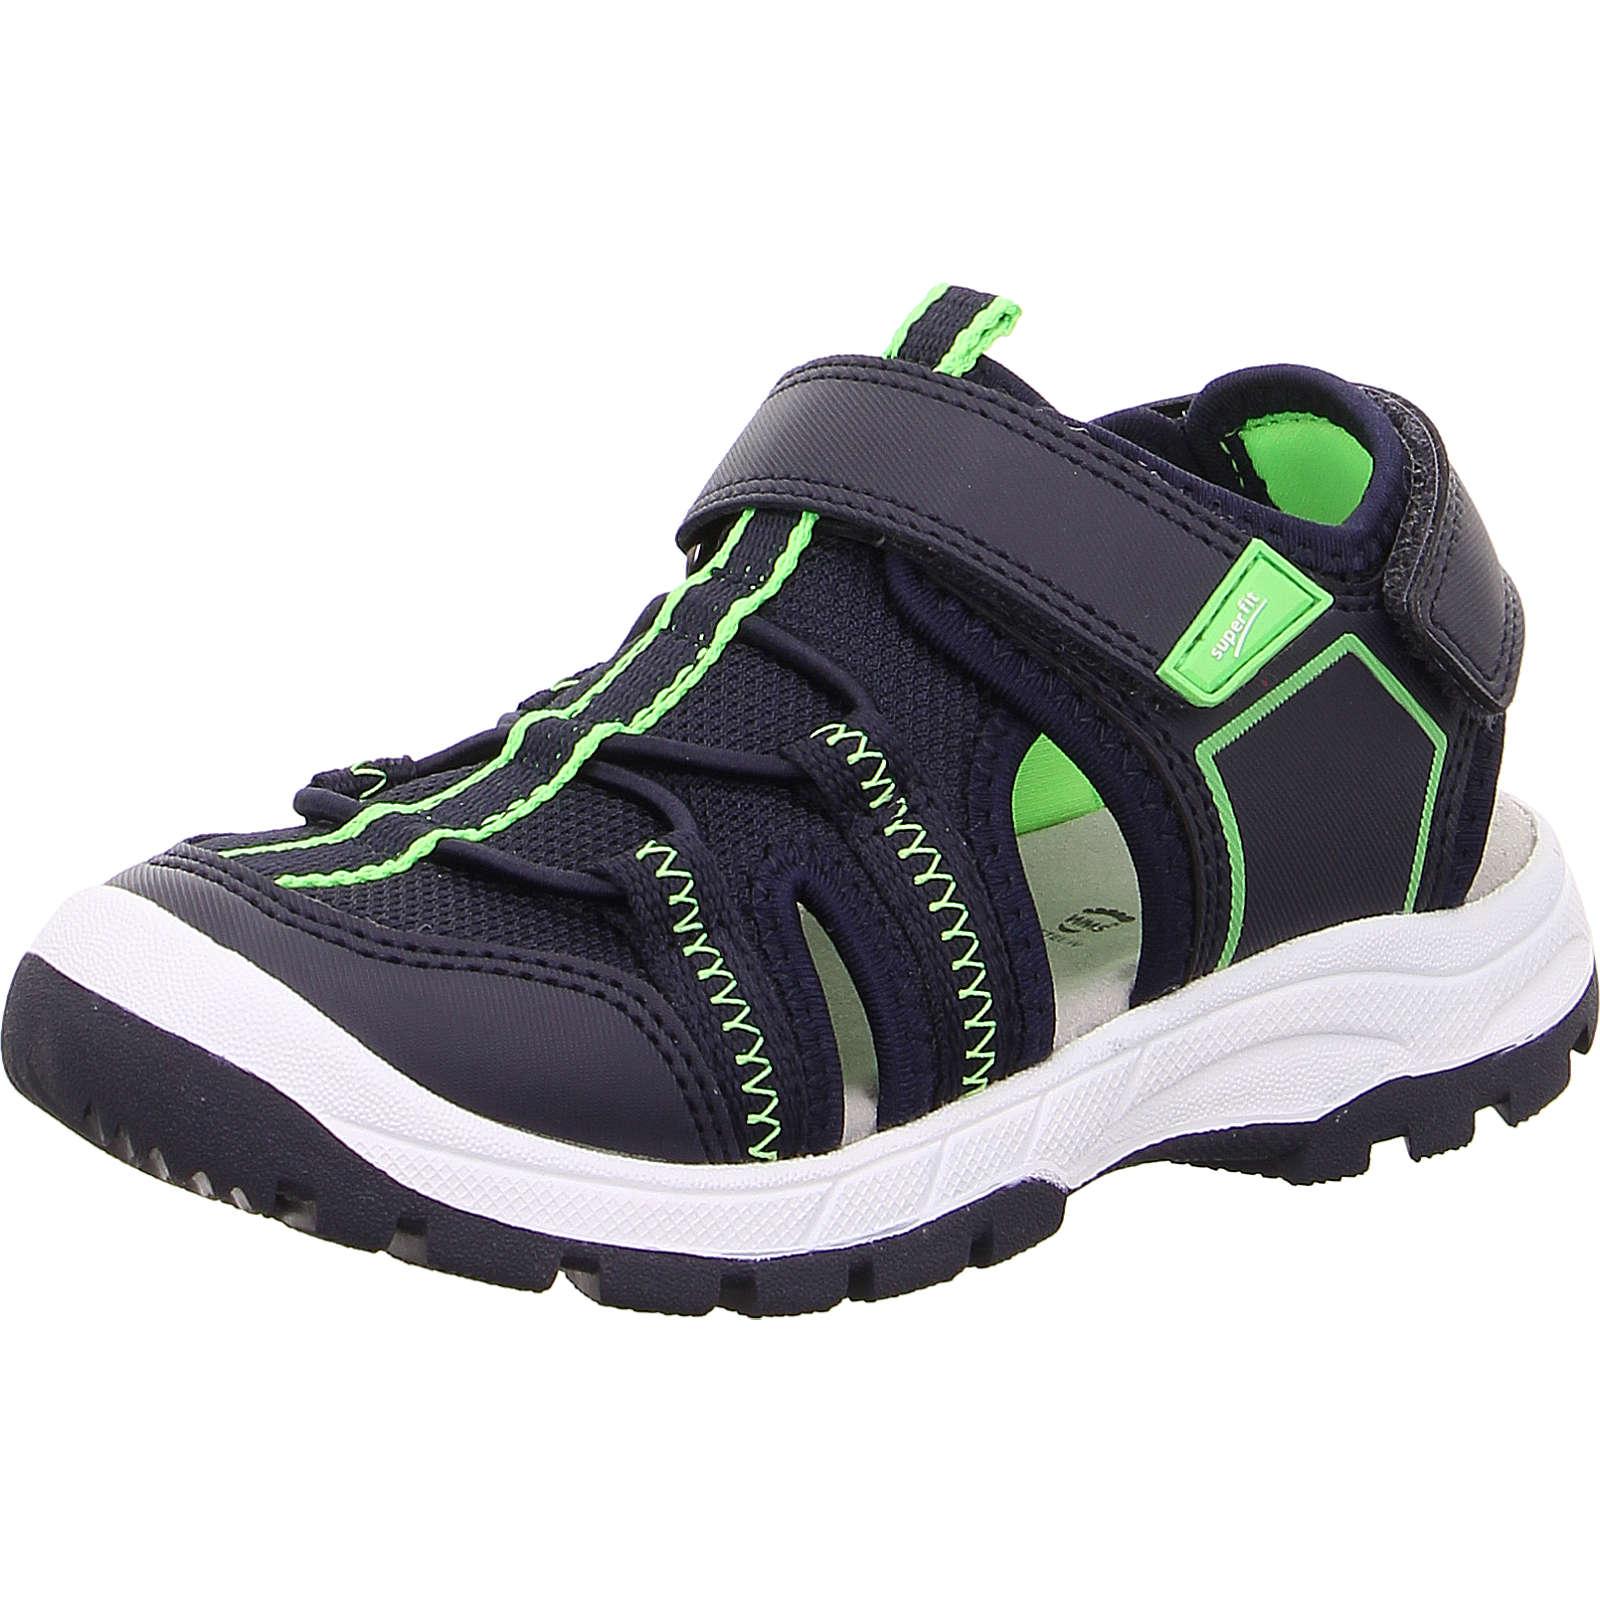 superfit Sandalen TORNADO für Jungen, WMS-Weite M4 blau/grün Junge Gr. 33